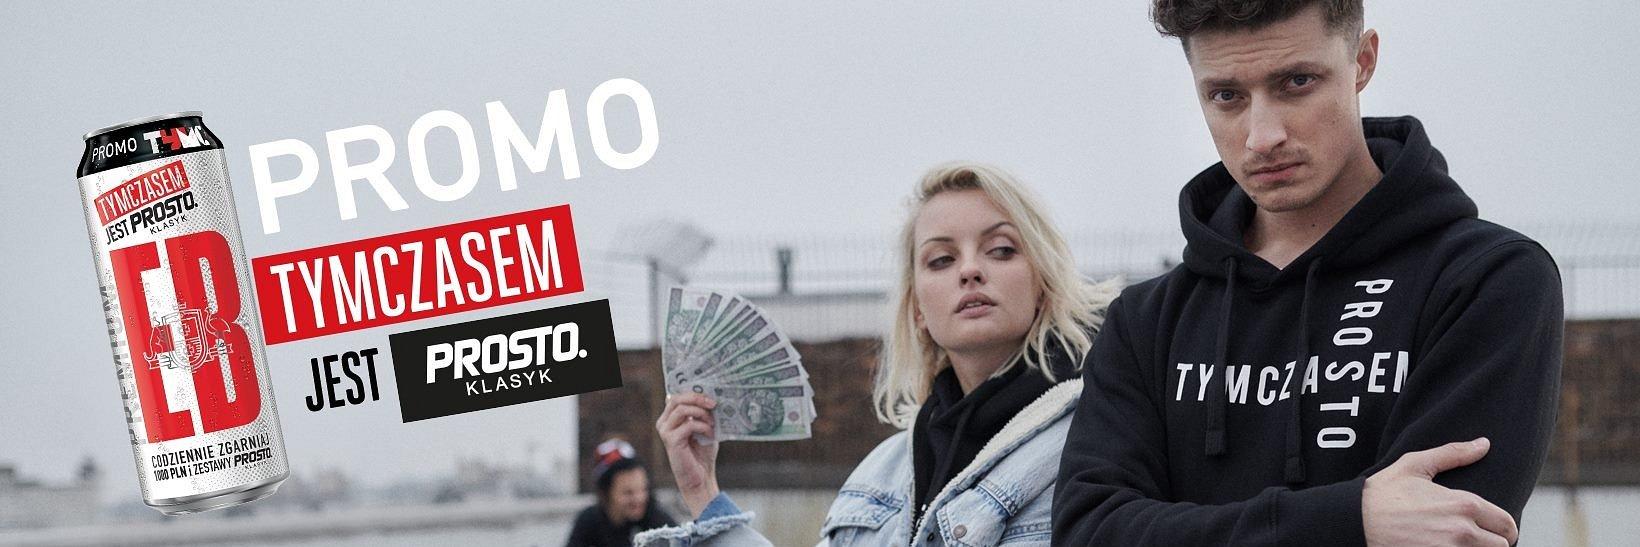 Tymczasem jest PROSTO – ruszyła loteria w prawdziwie streetowym stylu